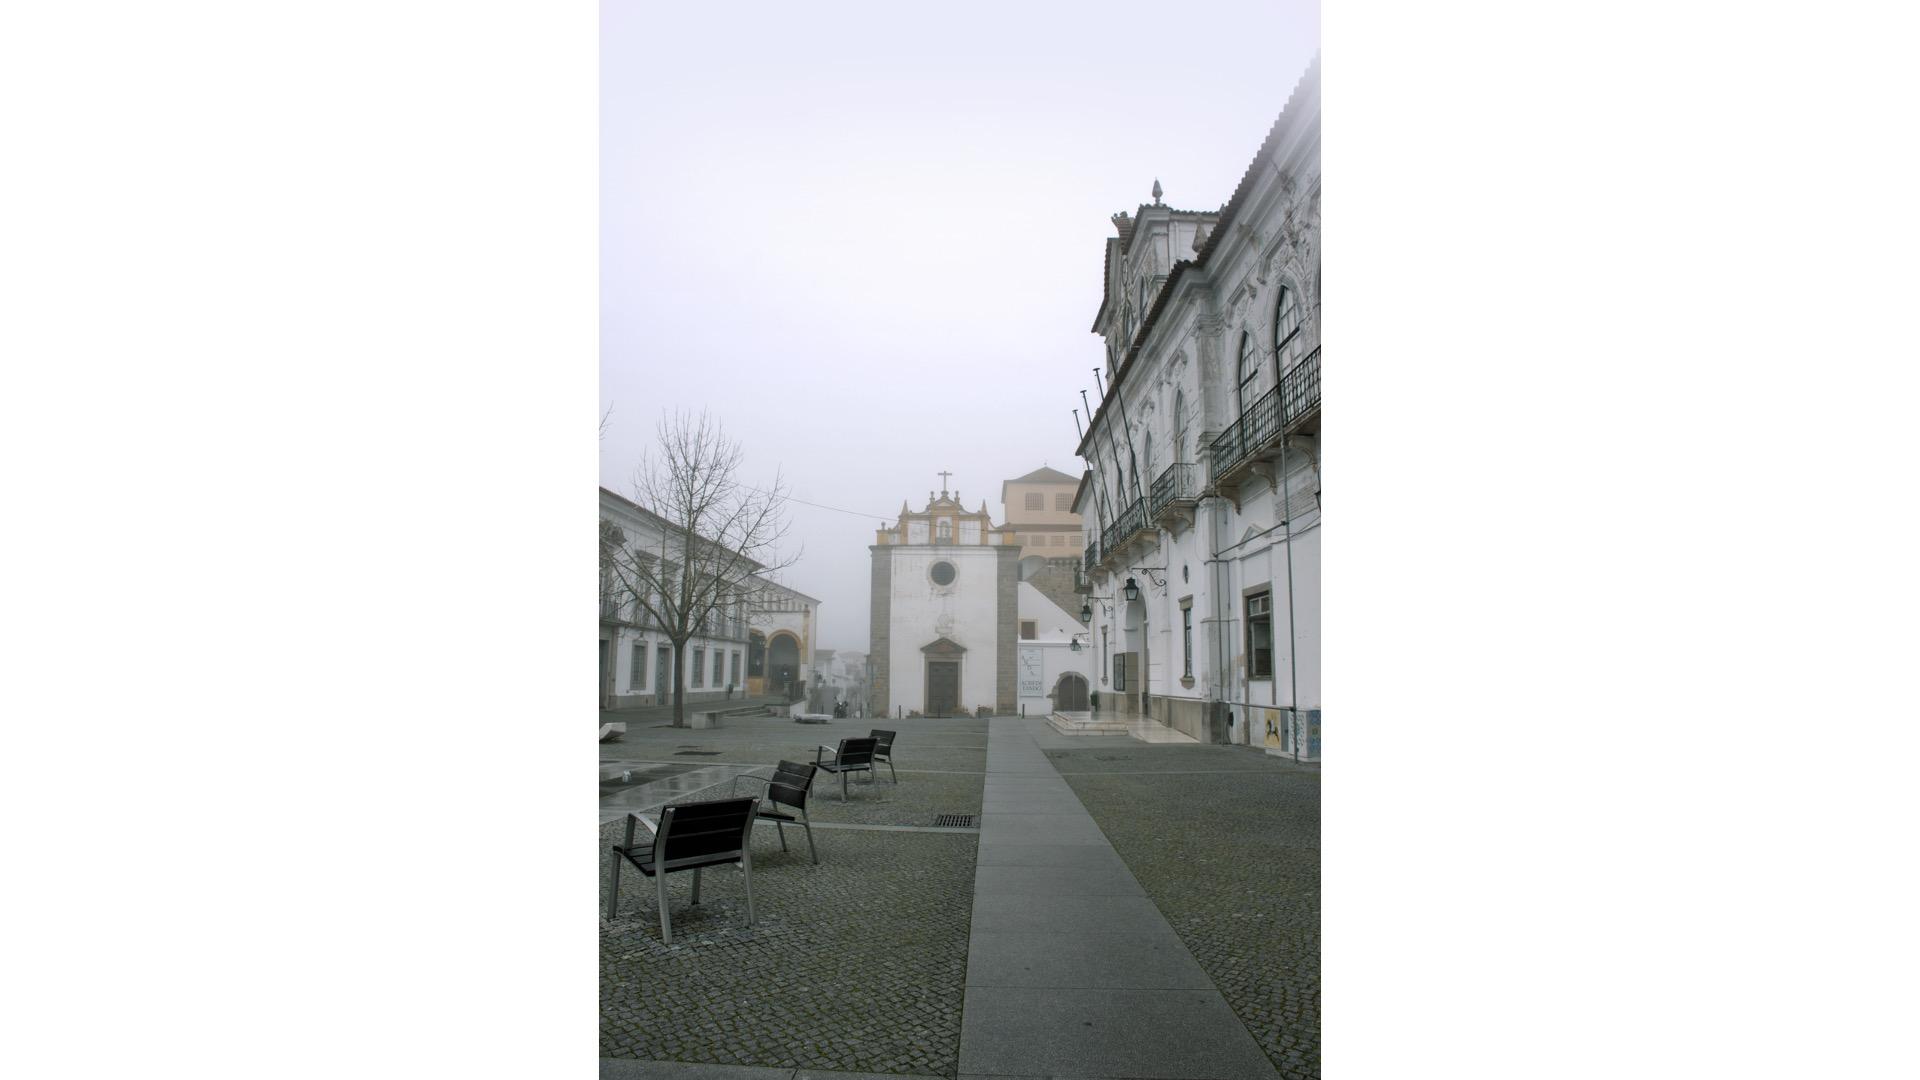 Em reunião pública de 24/02 Câmara saudou a redução do custo dos passes ferroviários entre o Alentejo Central e a Área Metropolitana de Lisboa